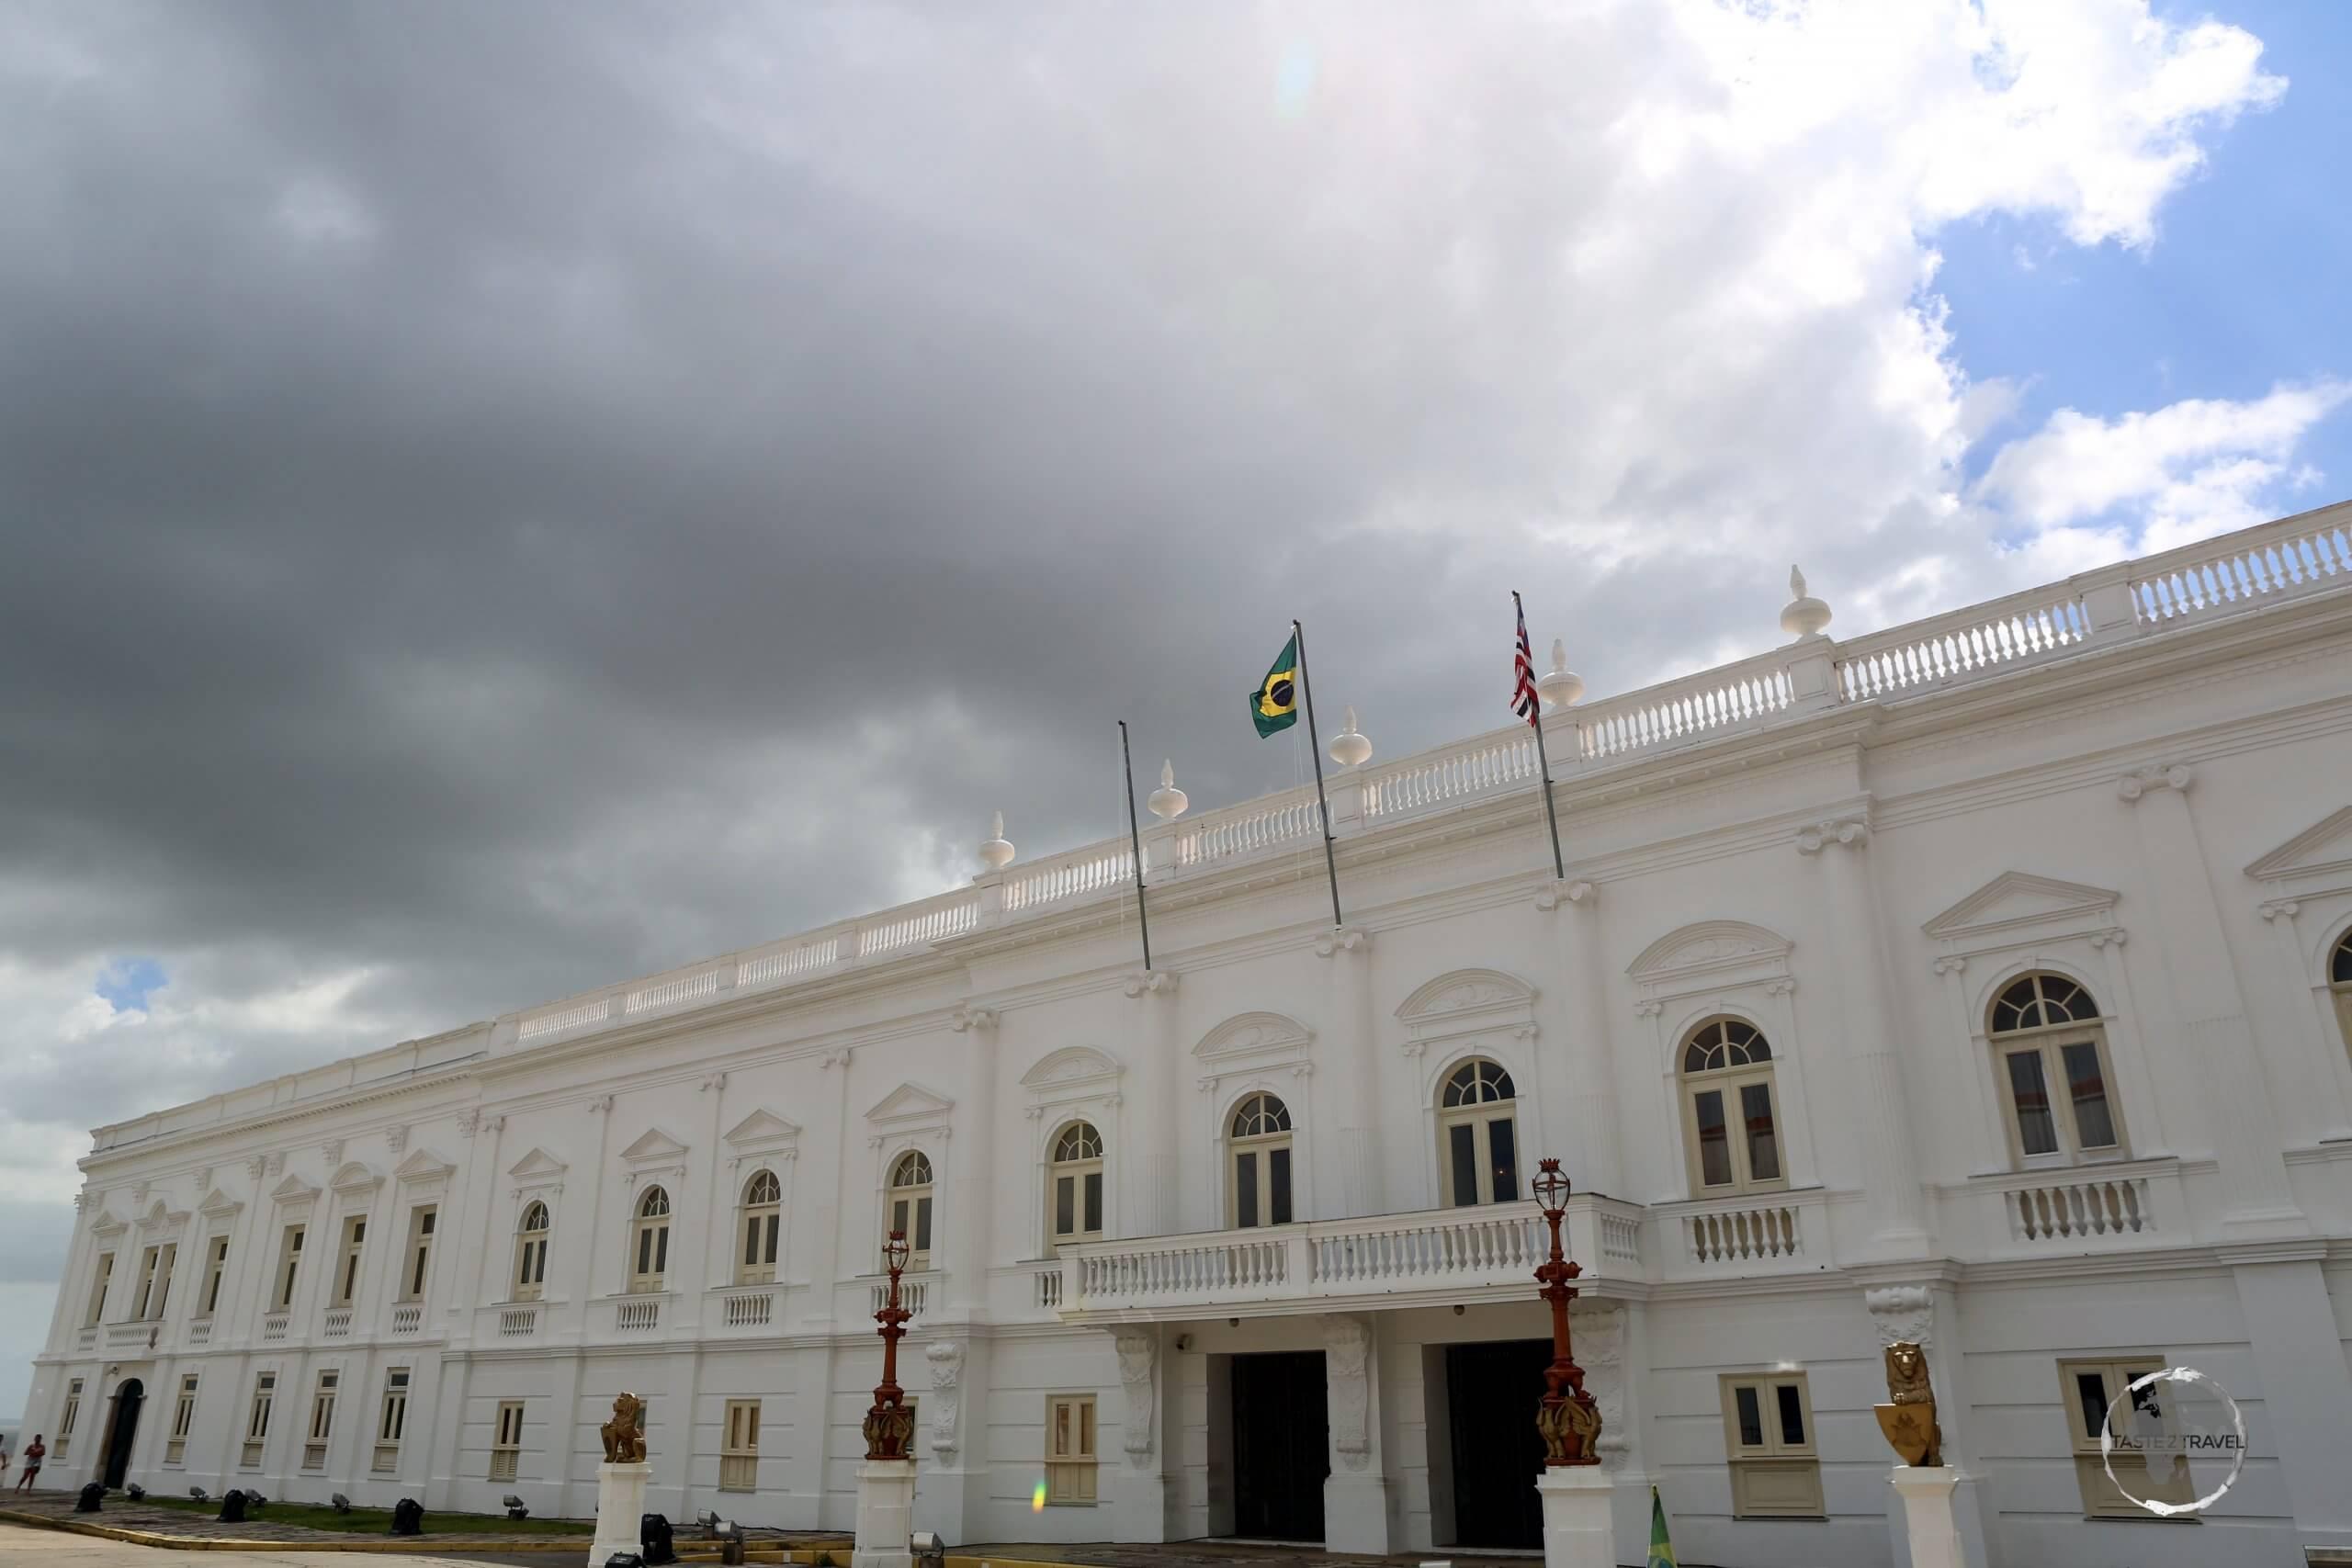 Palacio dos Leoes, Governor's Palace, São Luis, Maranhão state.